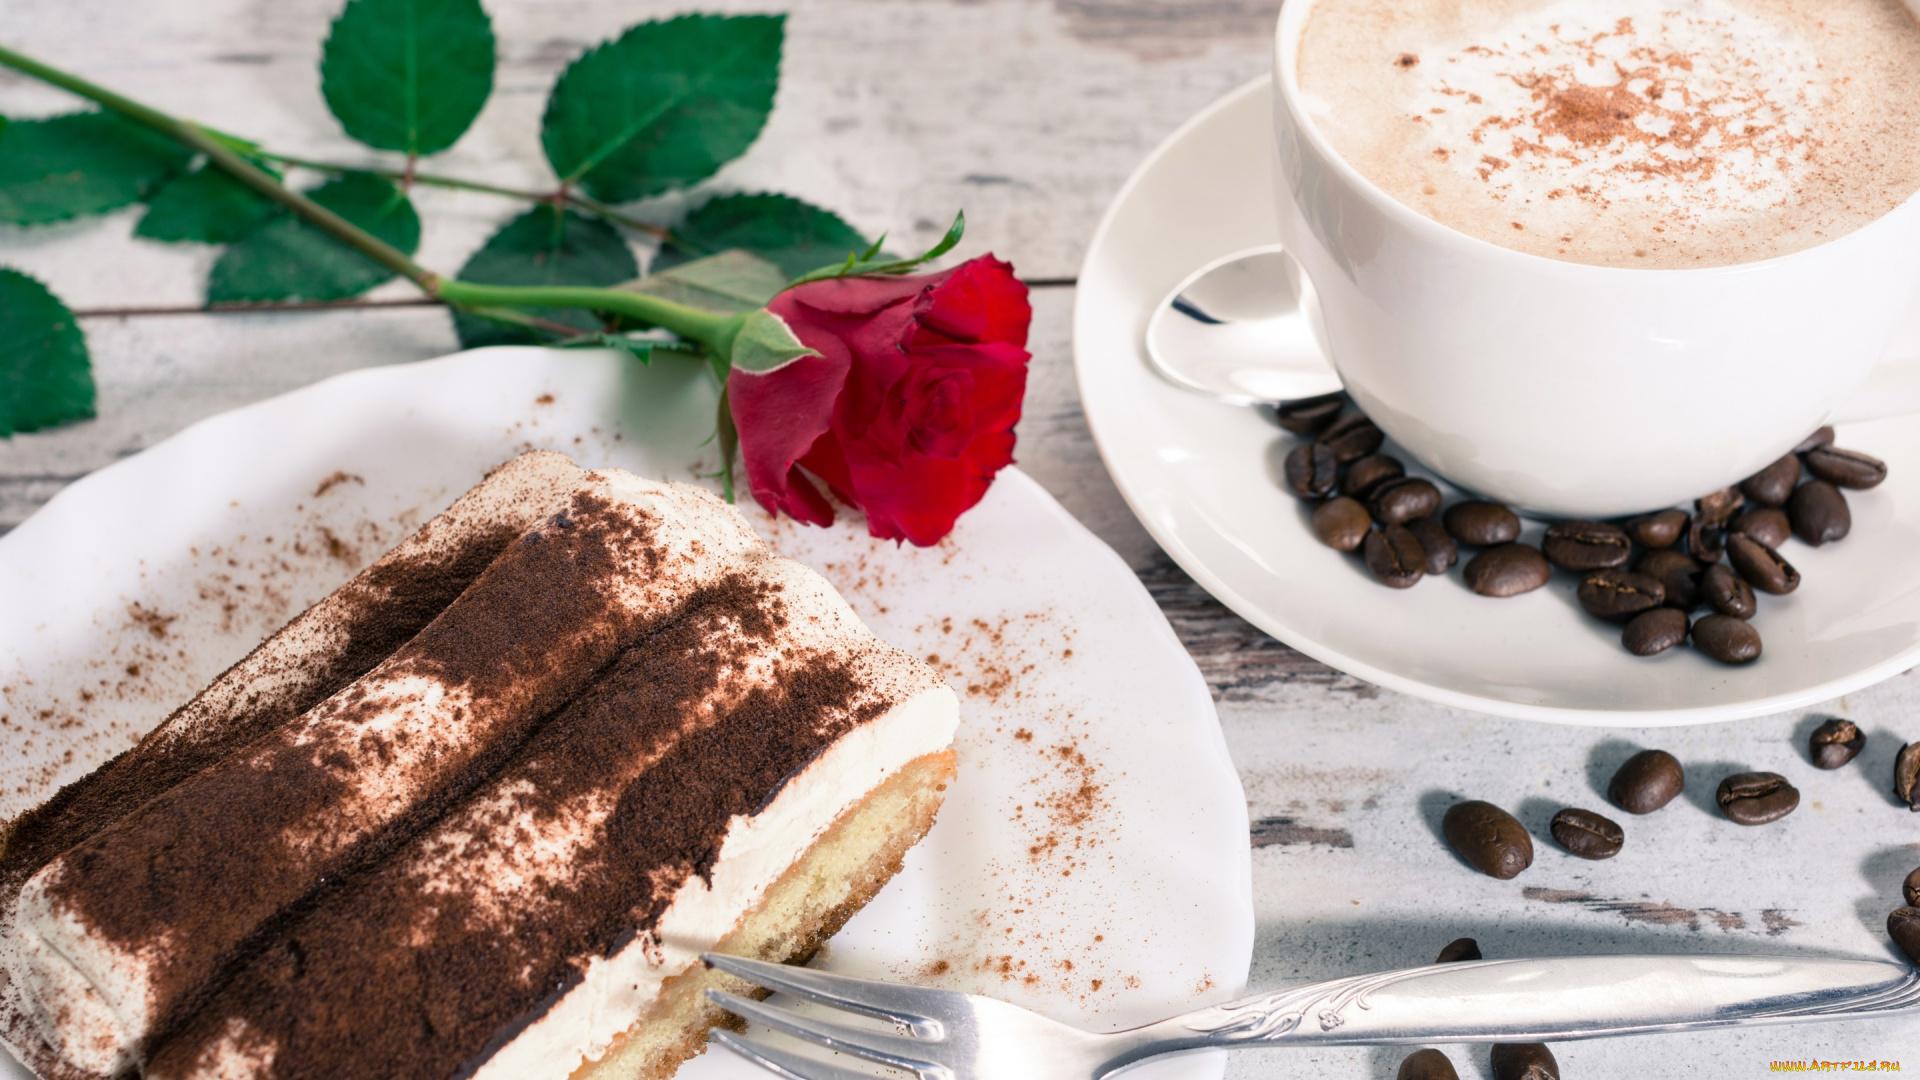 Кофе с пирожными картинки, про спиртное девушек